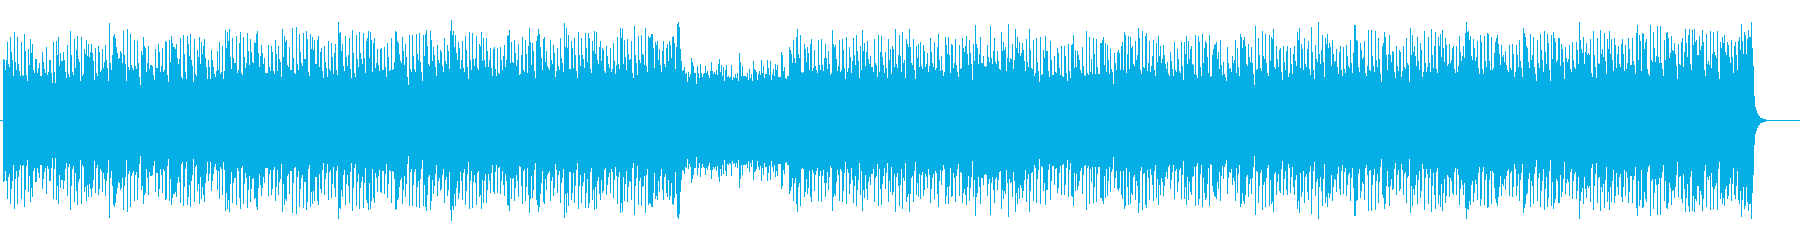 都会のマイナー・ポップス(フルサイズ)の再生済みの波形